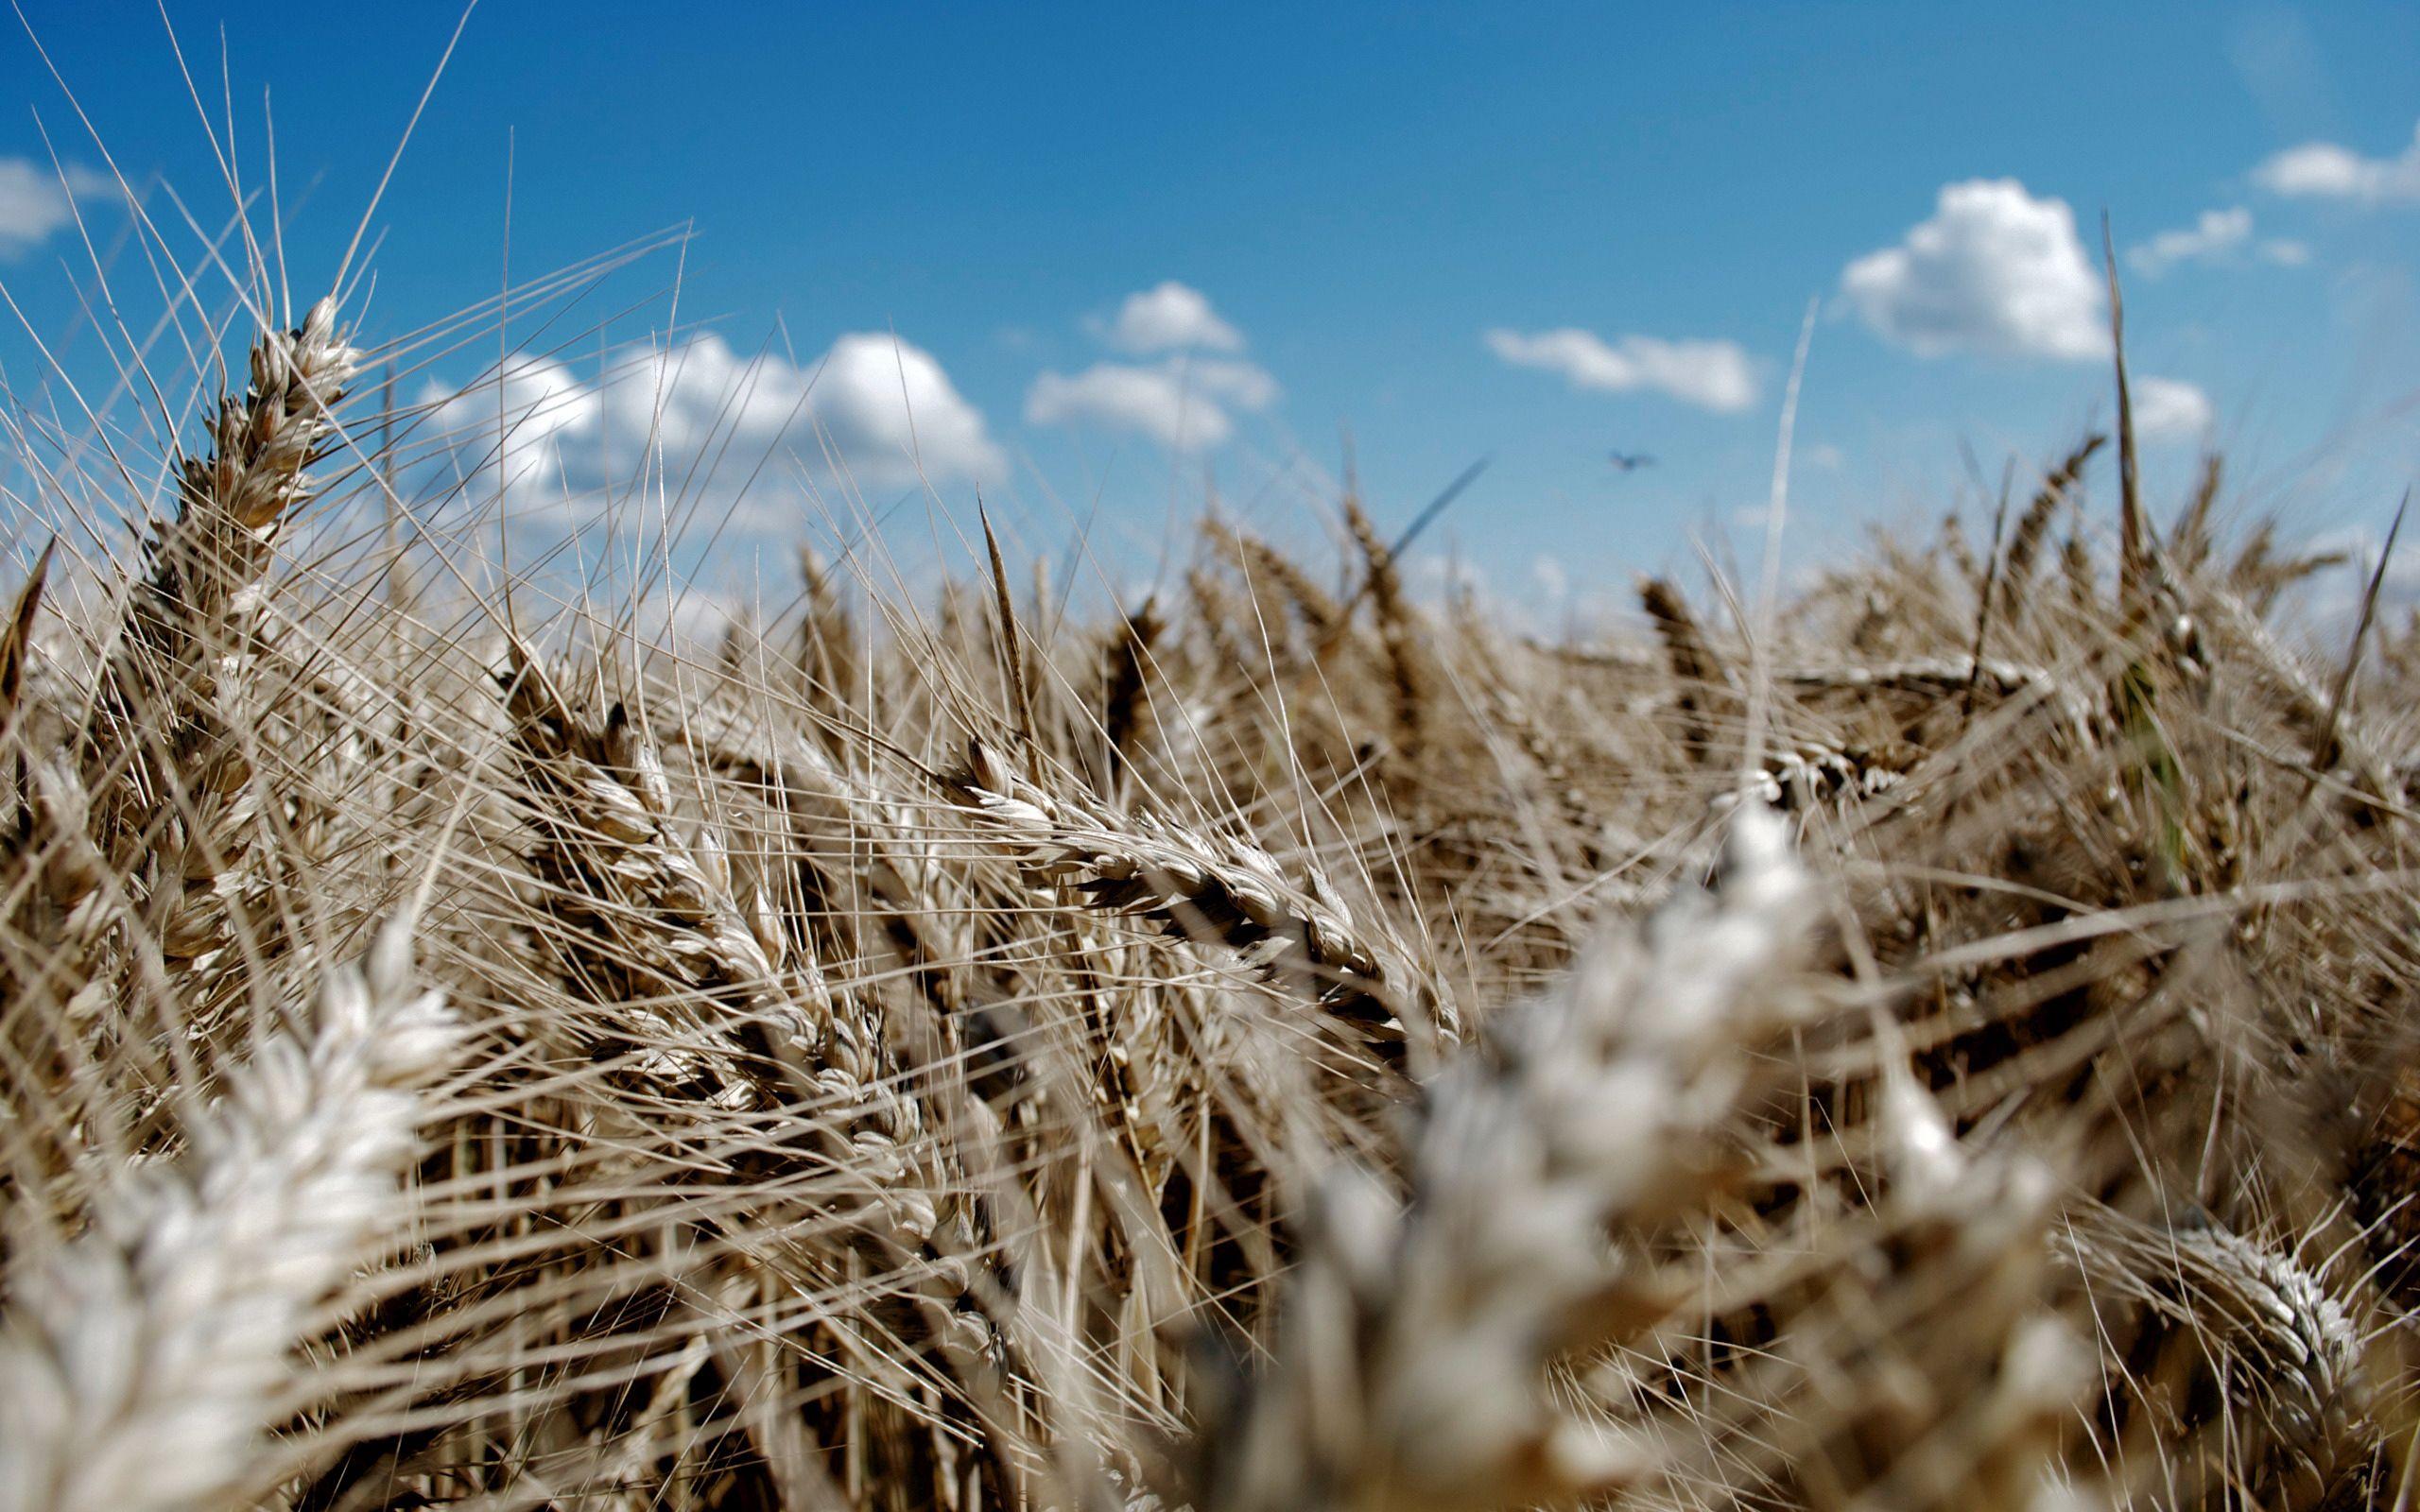 122205 скачать обои Природа, Колосья, Небо, Лазурь, Пшеница - заставки и картинки бесплатно